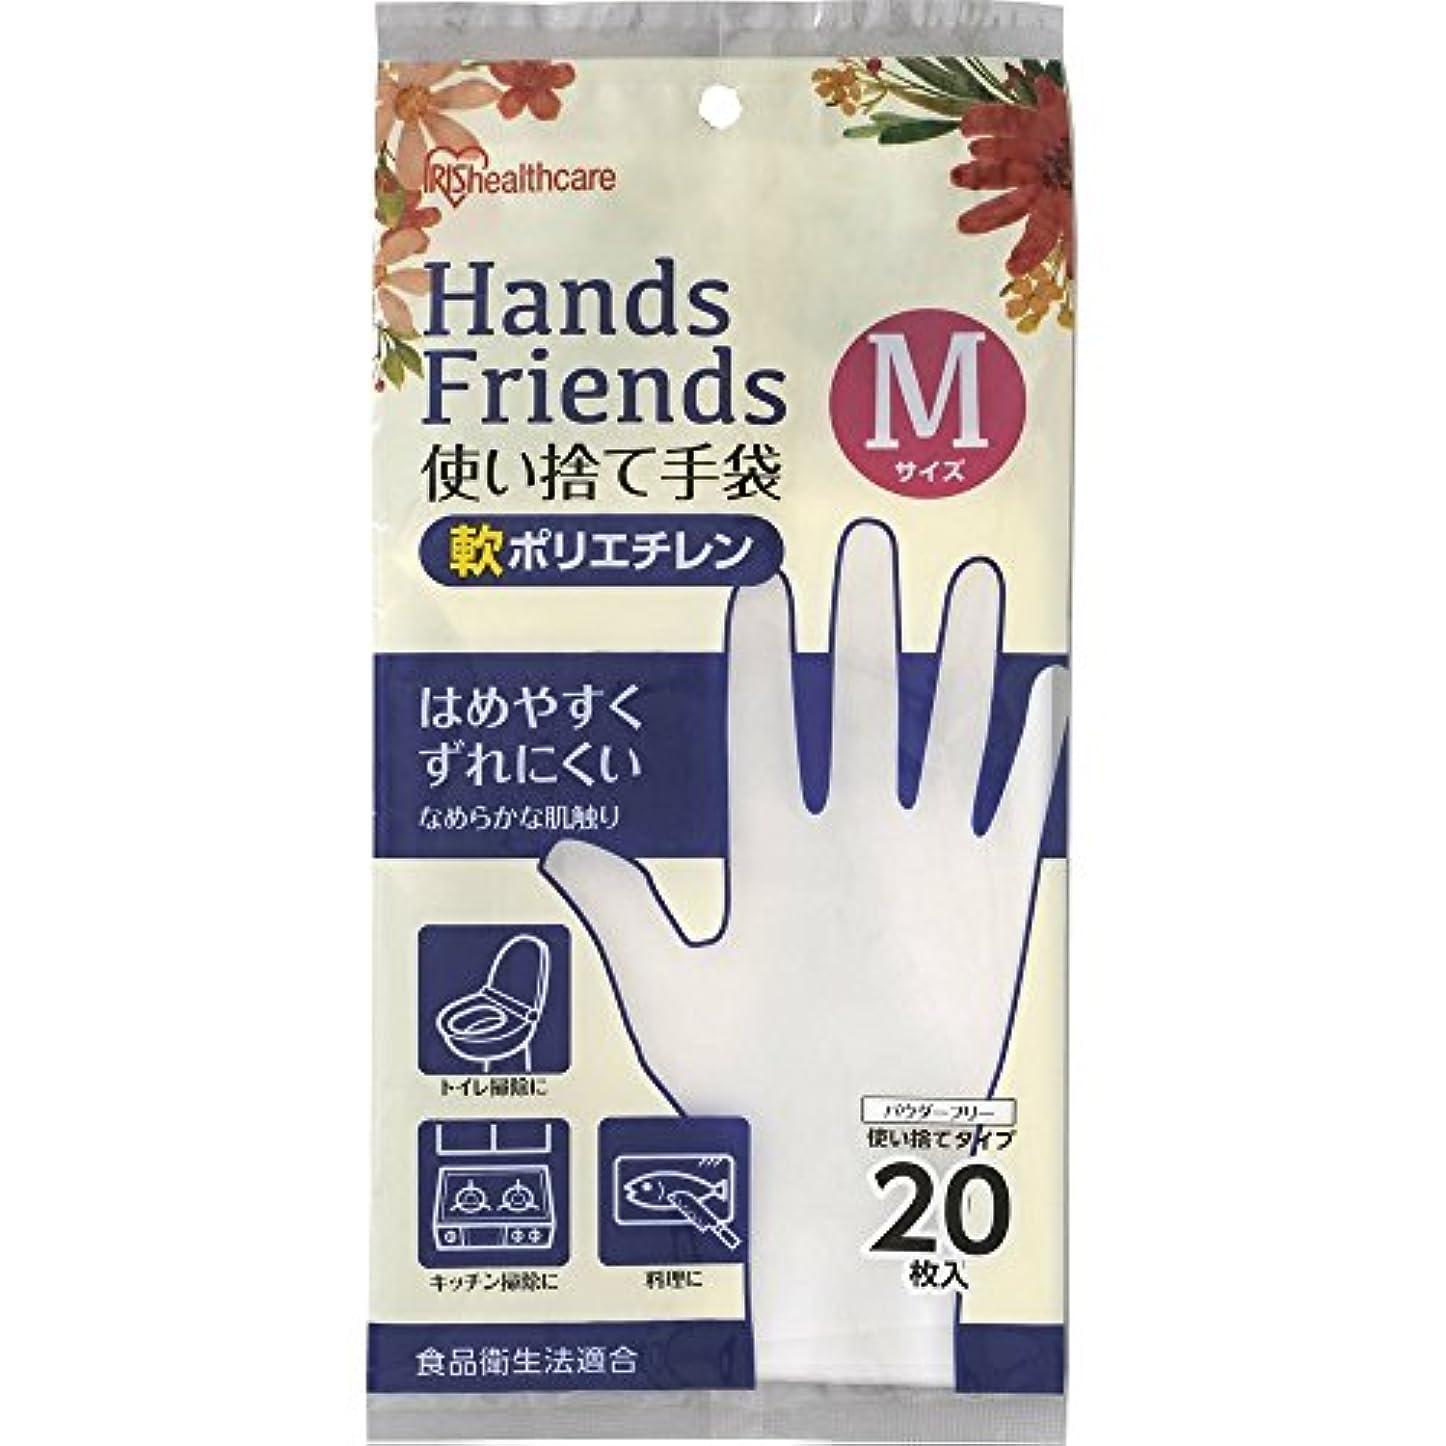 悲惨なその後悩み使い捨て手袋 軟ポリエチレン手袋 Mサイズ 粉なし パウダーフリー クリア 20枚入